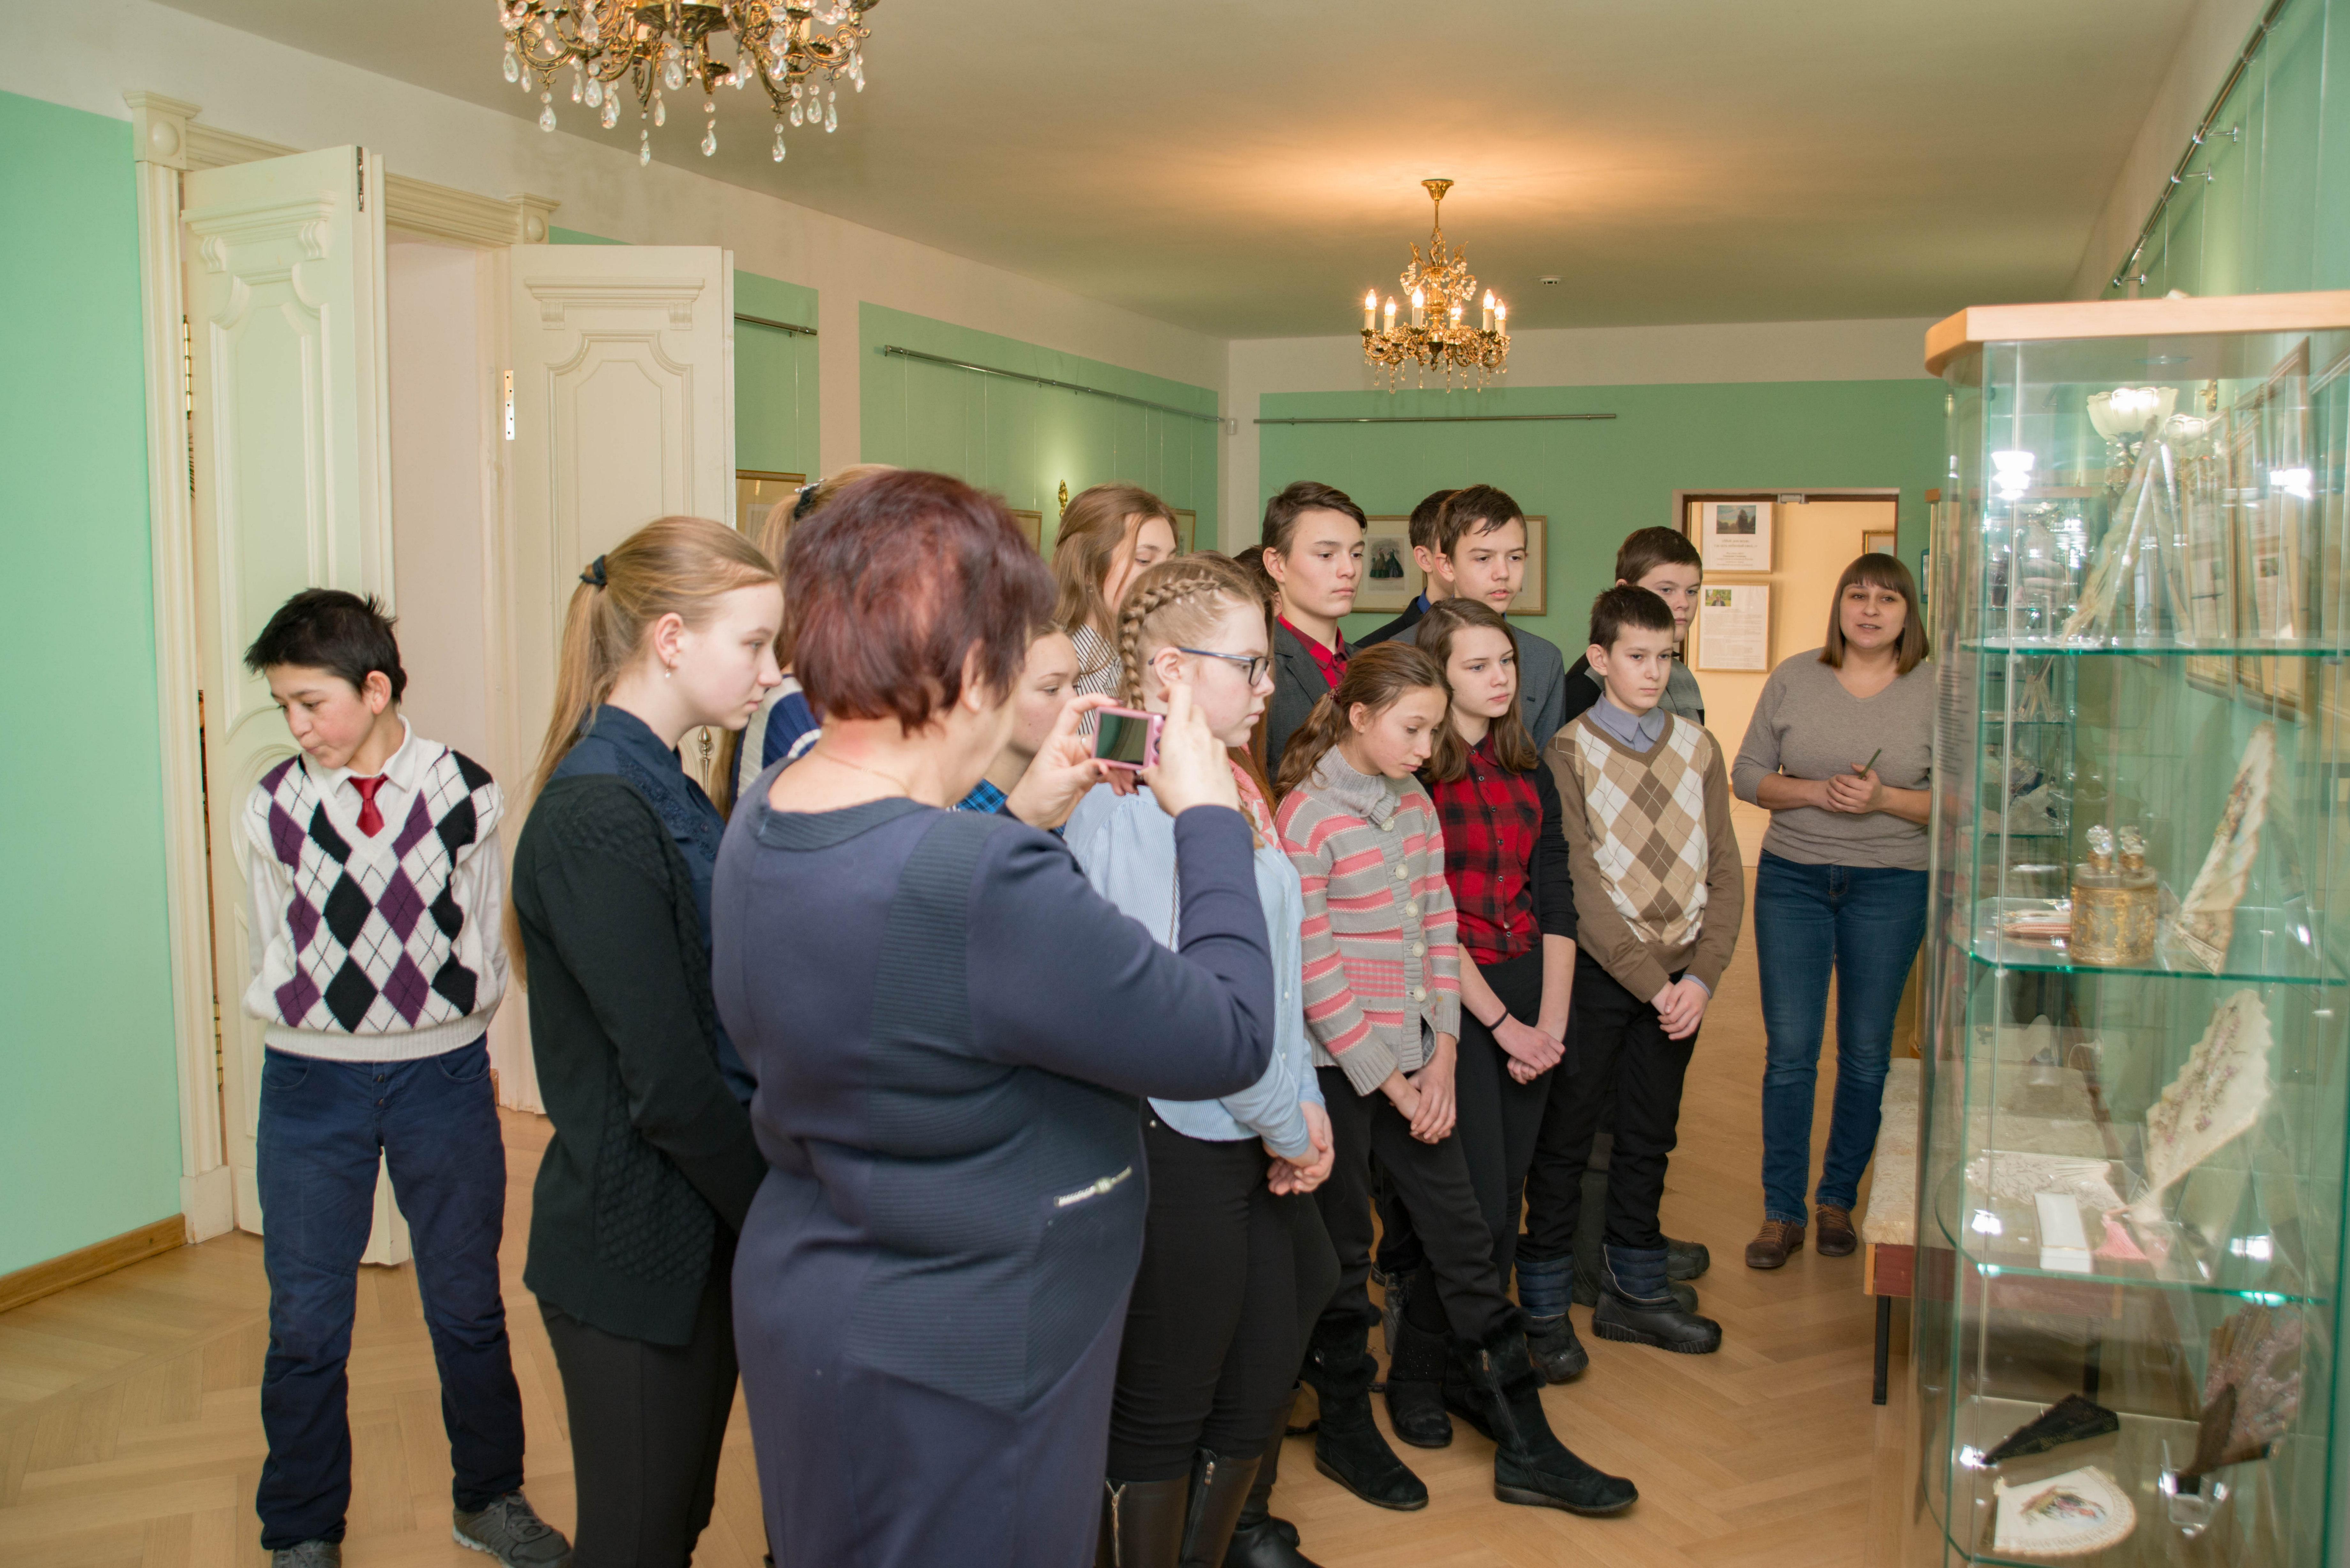 Экспозиционер Савочкина Е. со школьниками на выставке«Наряды необходимы счастью женщины, как цветы весне...»